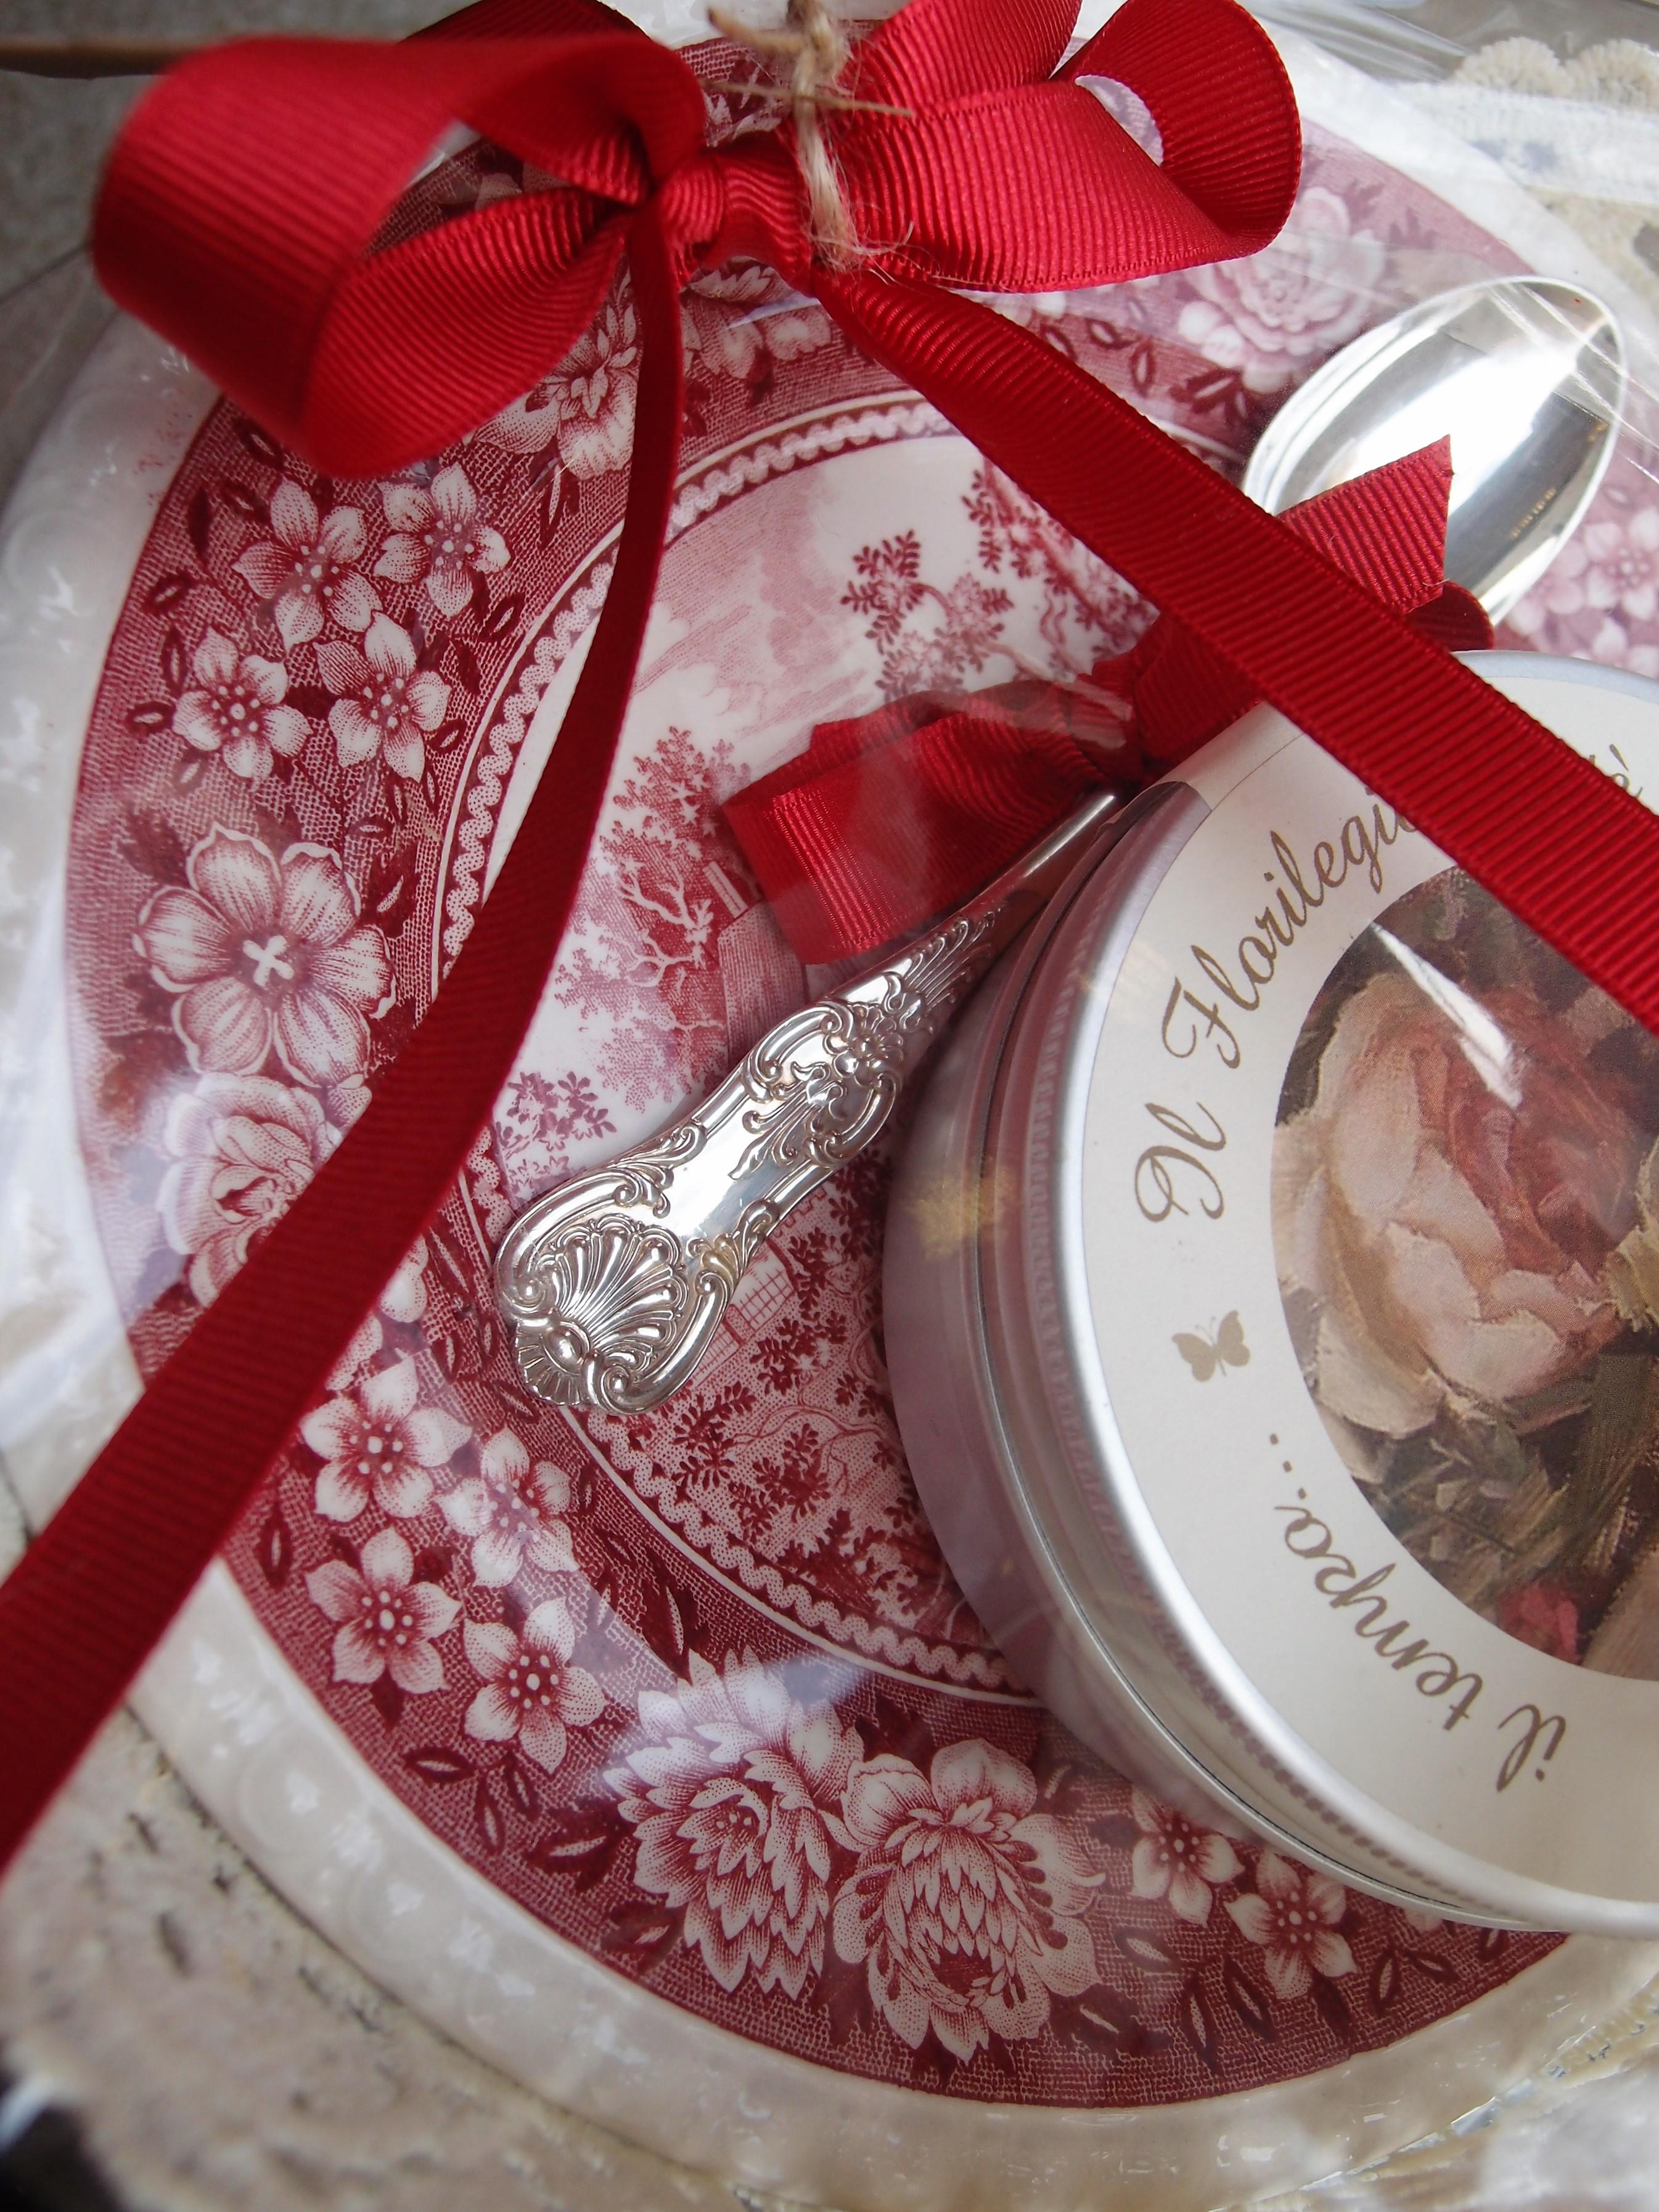 La stagione del cuore l 39 arrivo del natale antichit bellini for Oggetti antichi in regalo